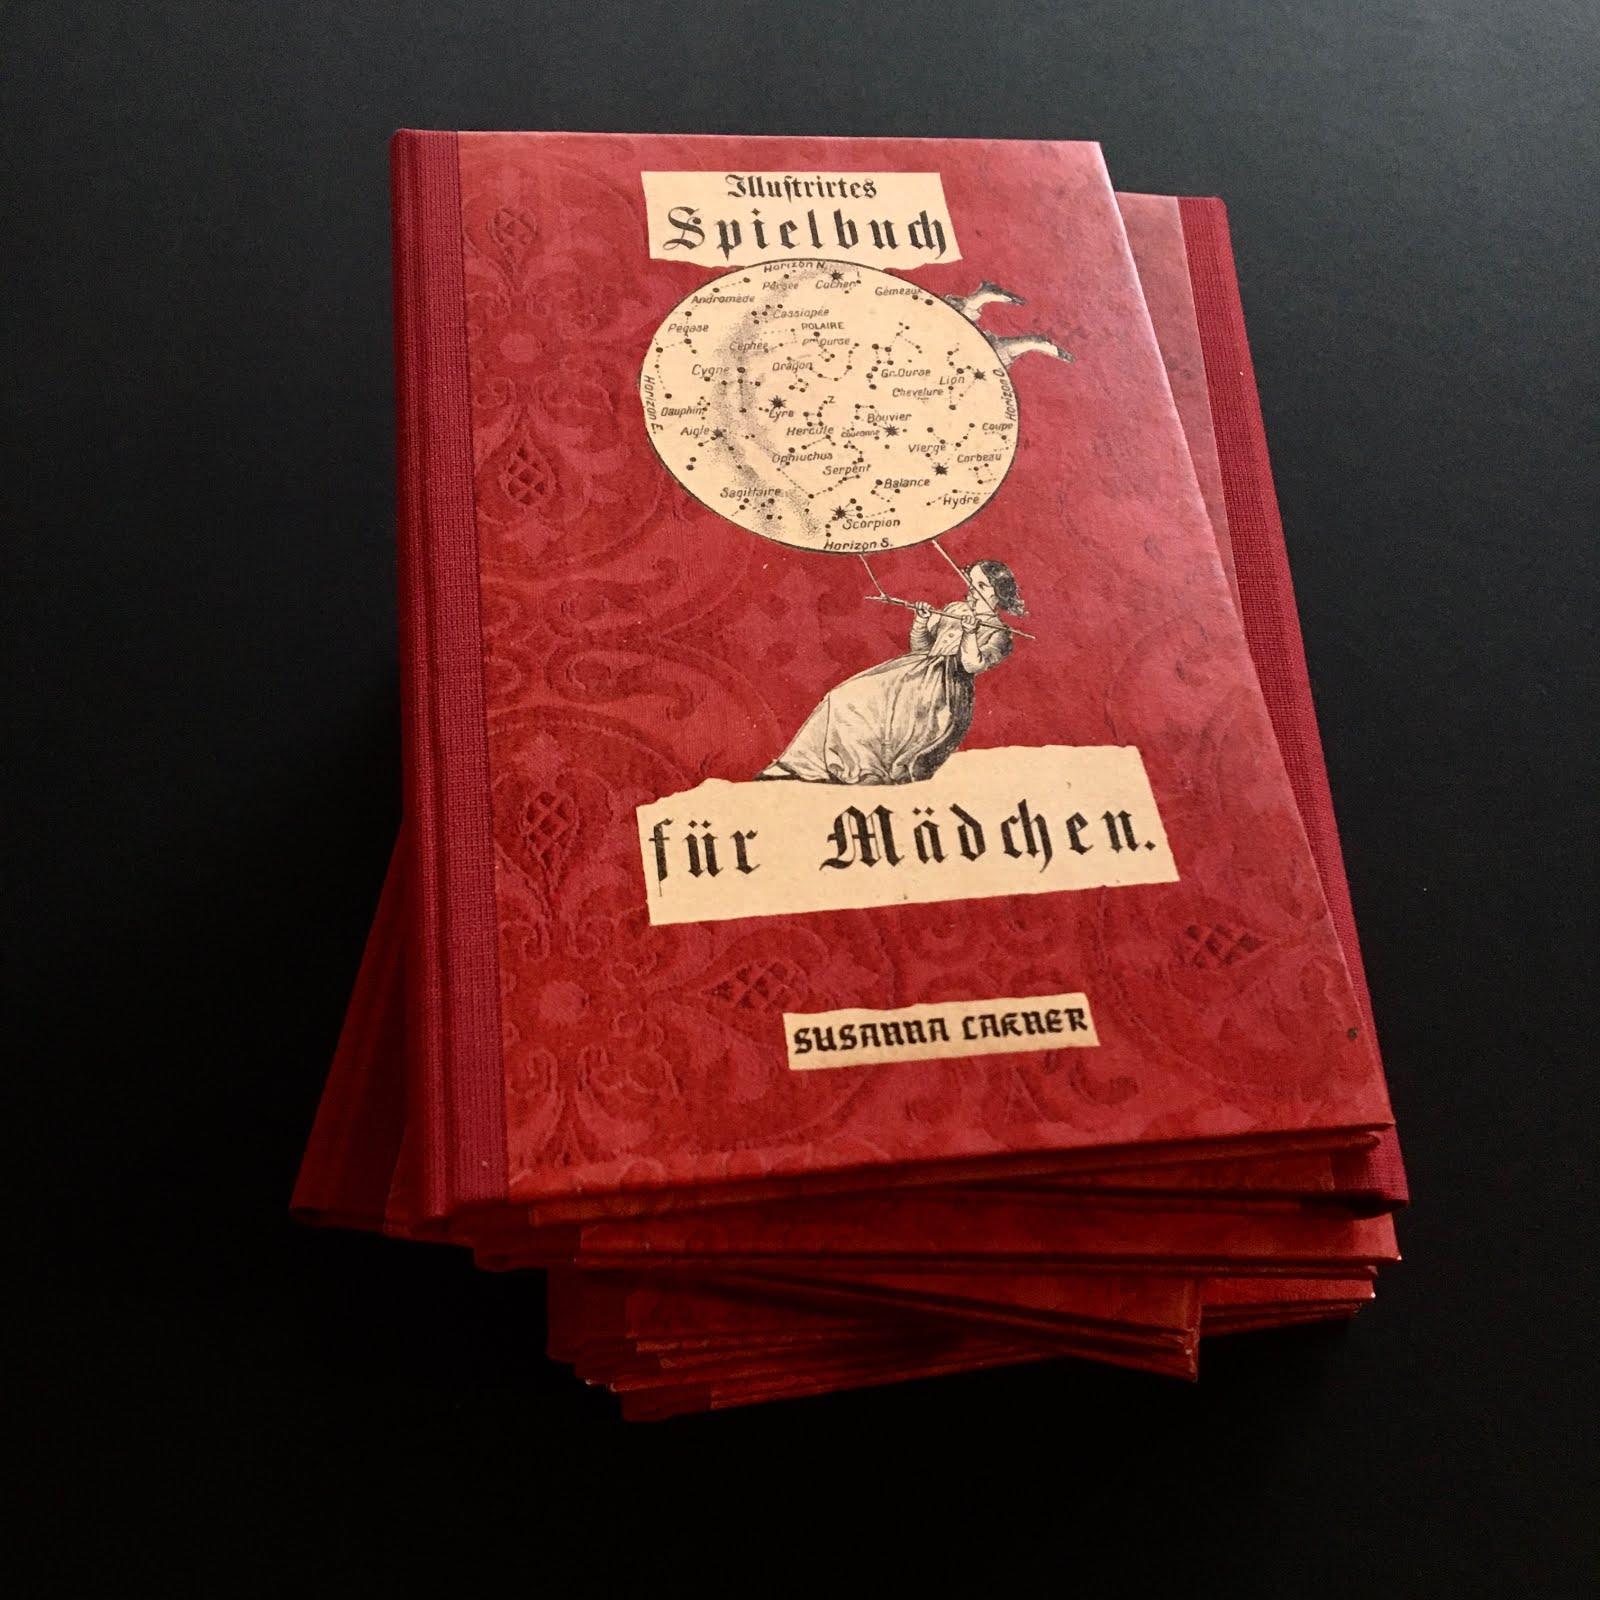 PUBLISHED ART  Illustrirtes Spielbuch für Mädchen